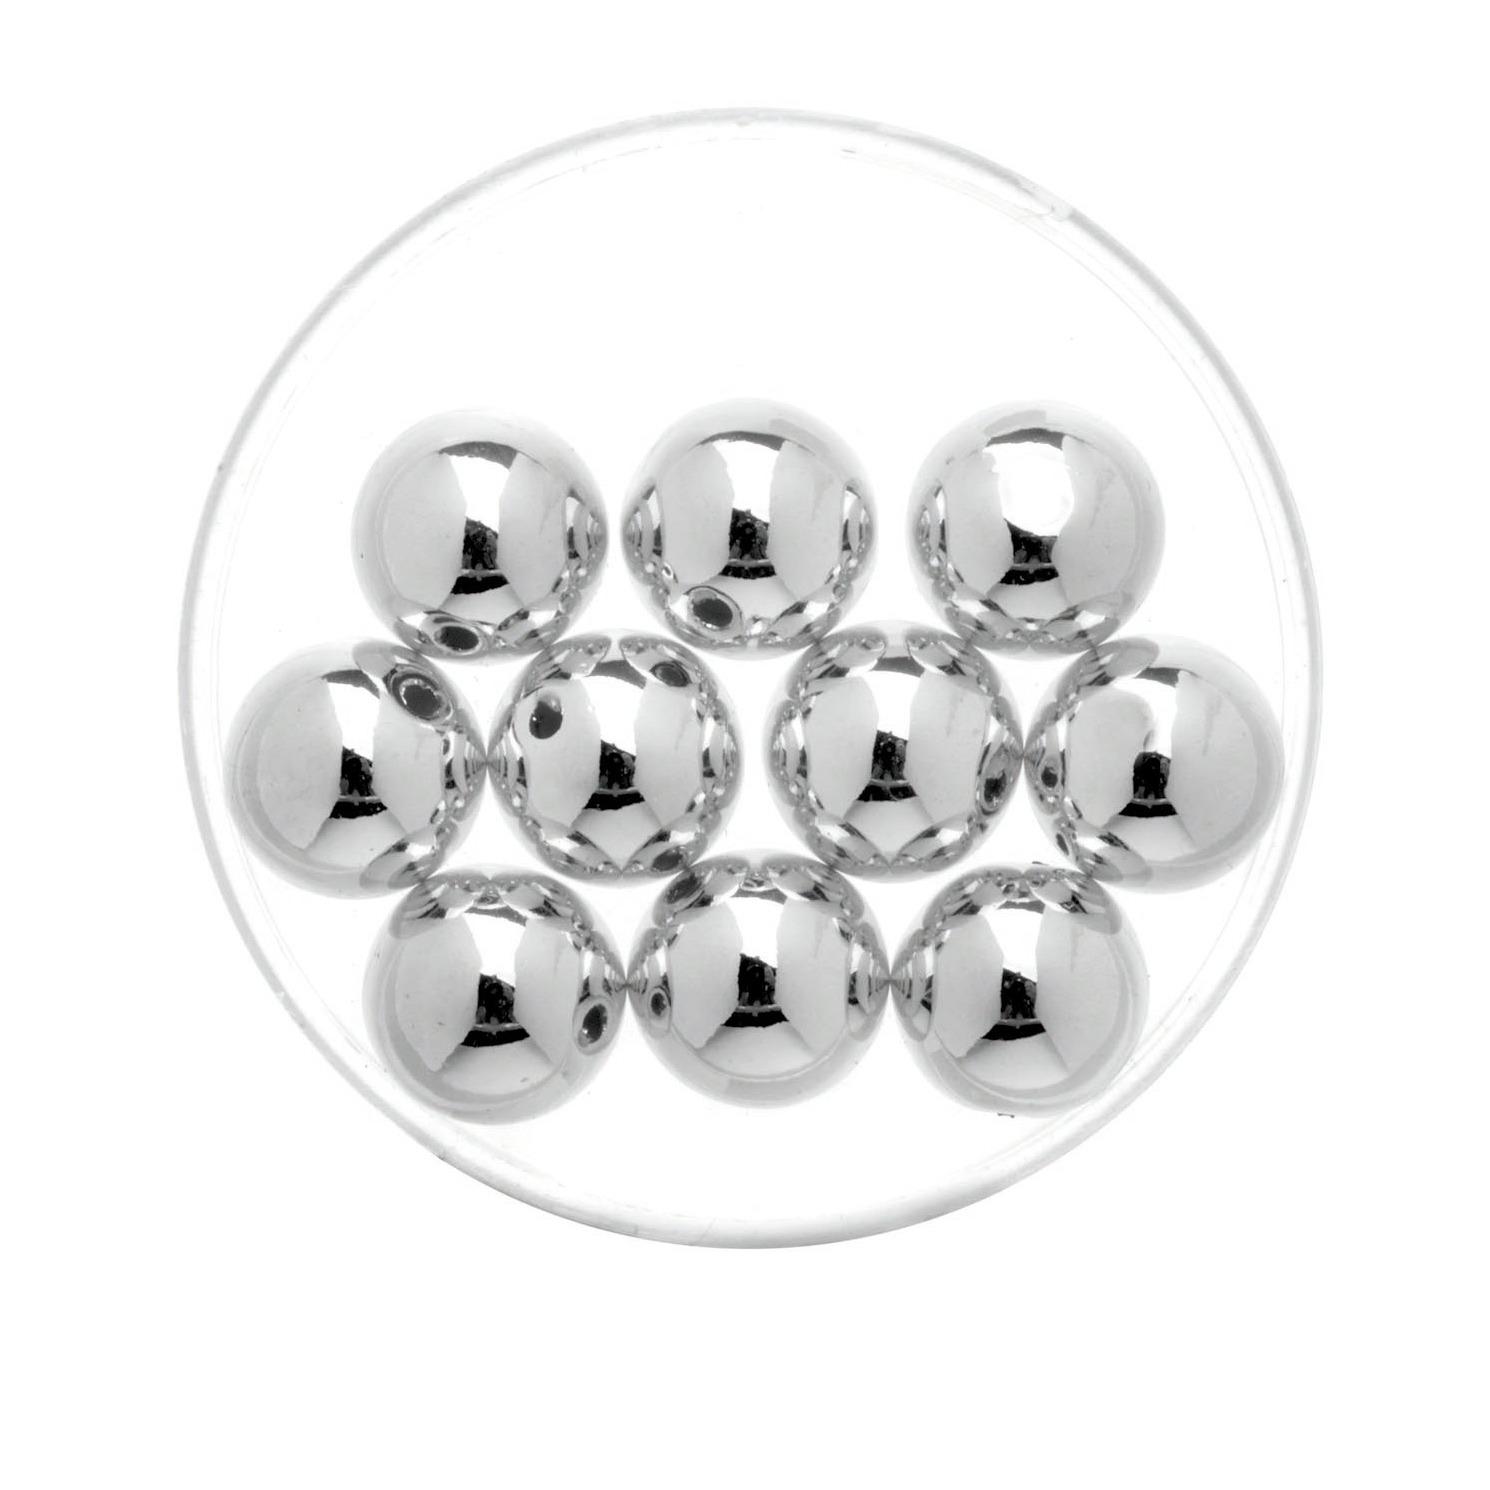 10x stuks metallic sieraden maken kralen in het zilver van 10 mm